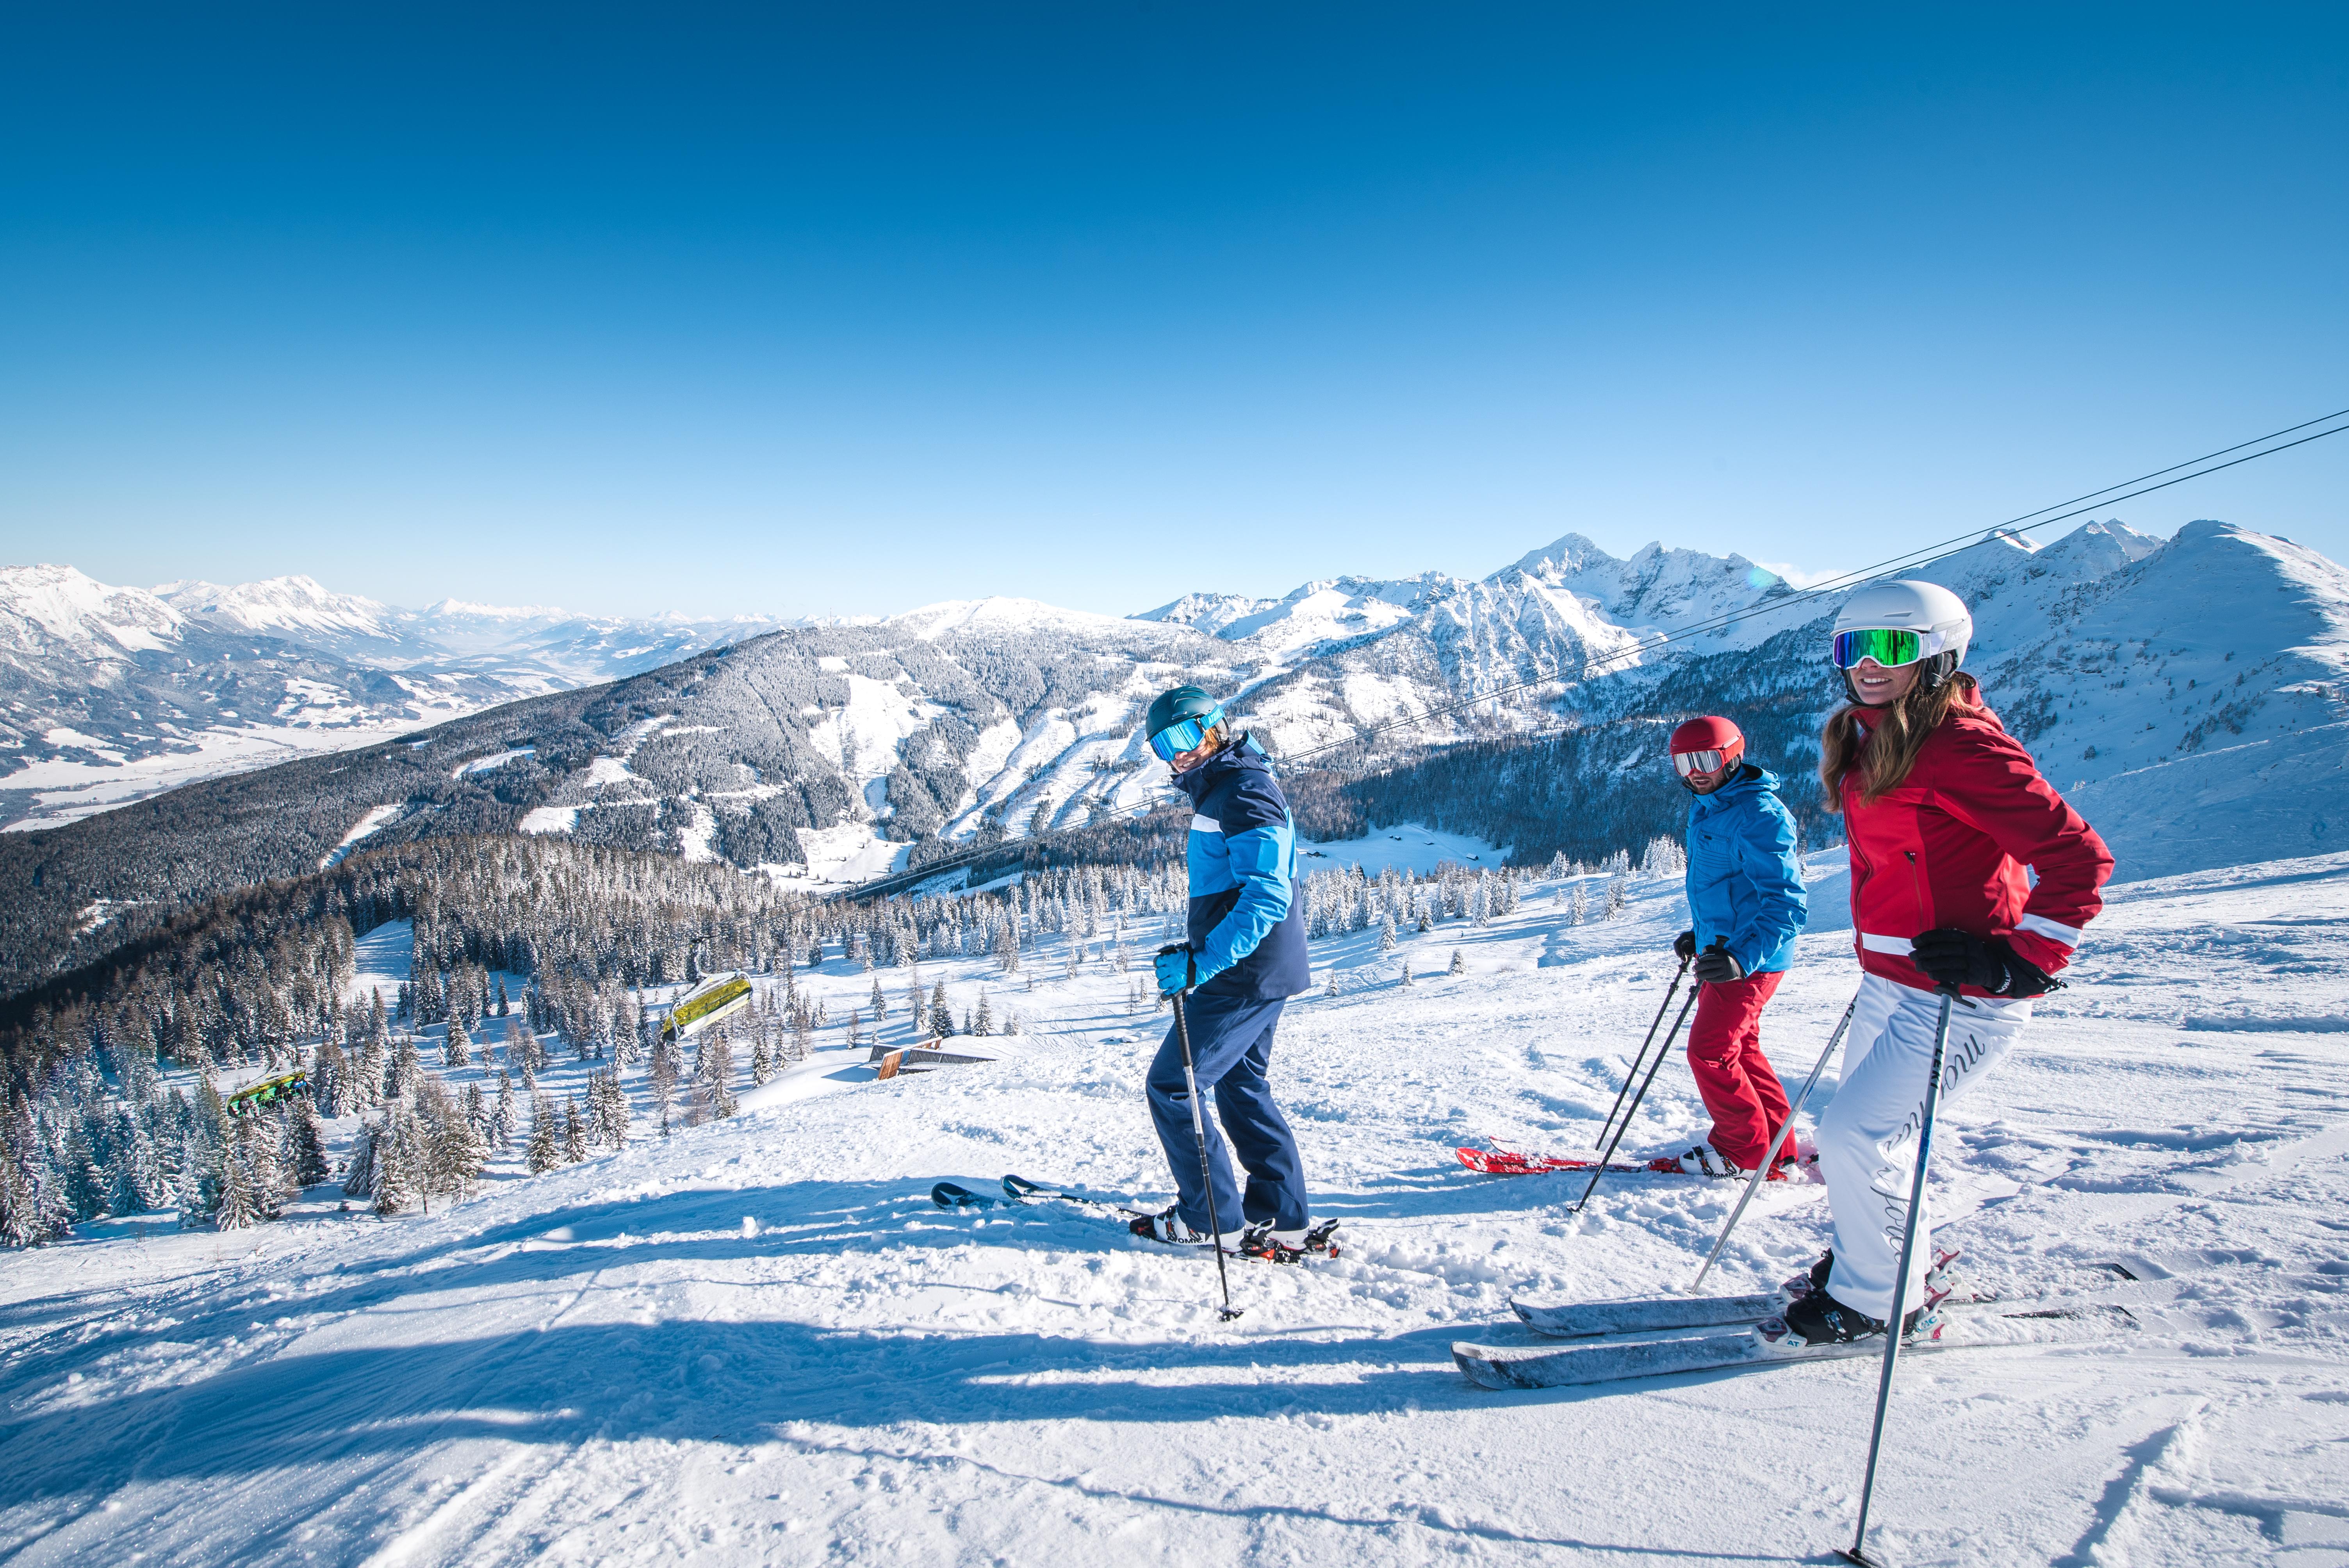 ski-amade-lifestyle-80